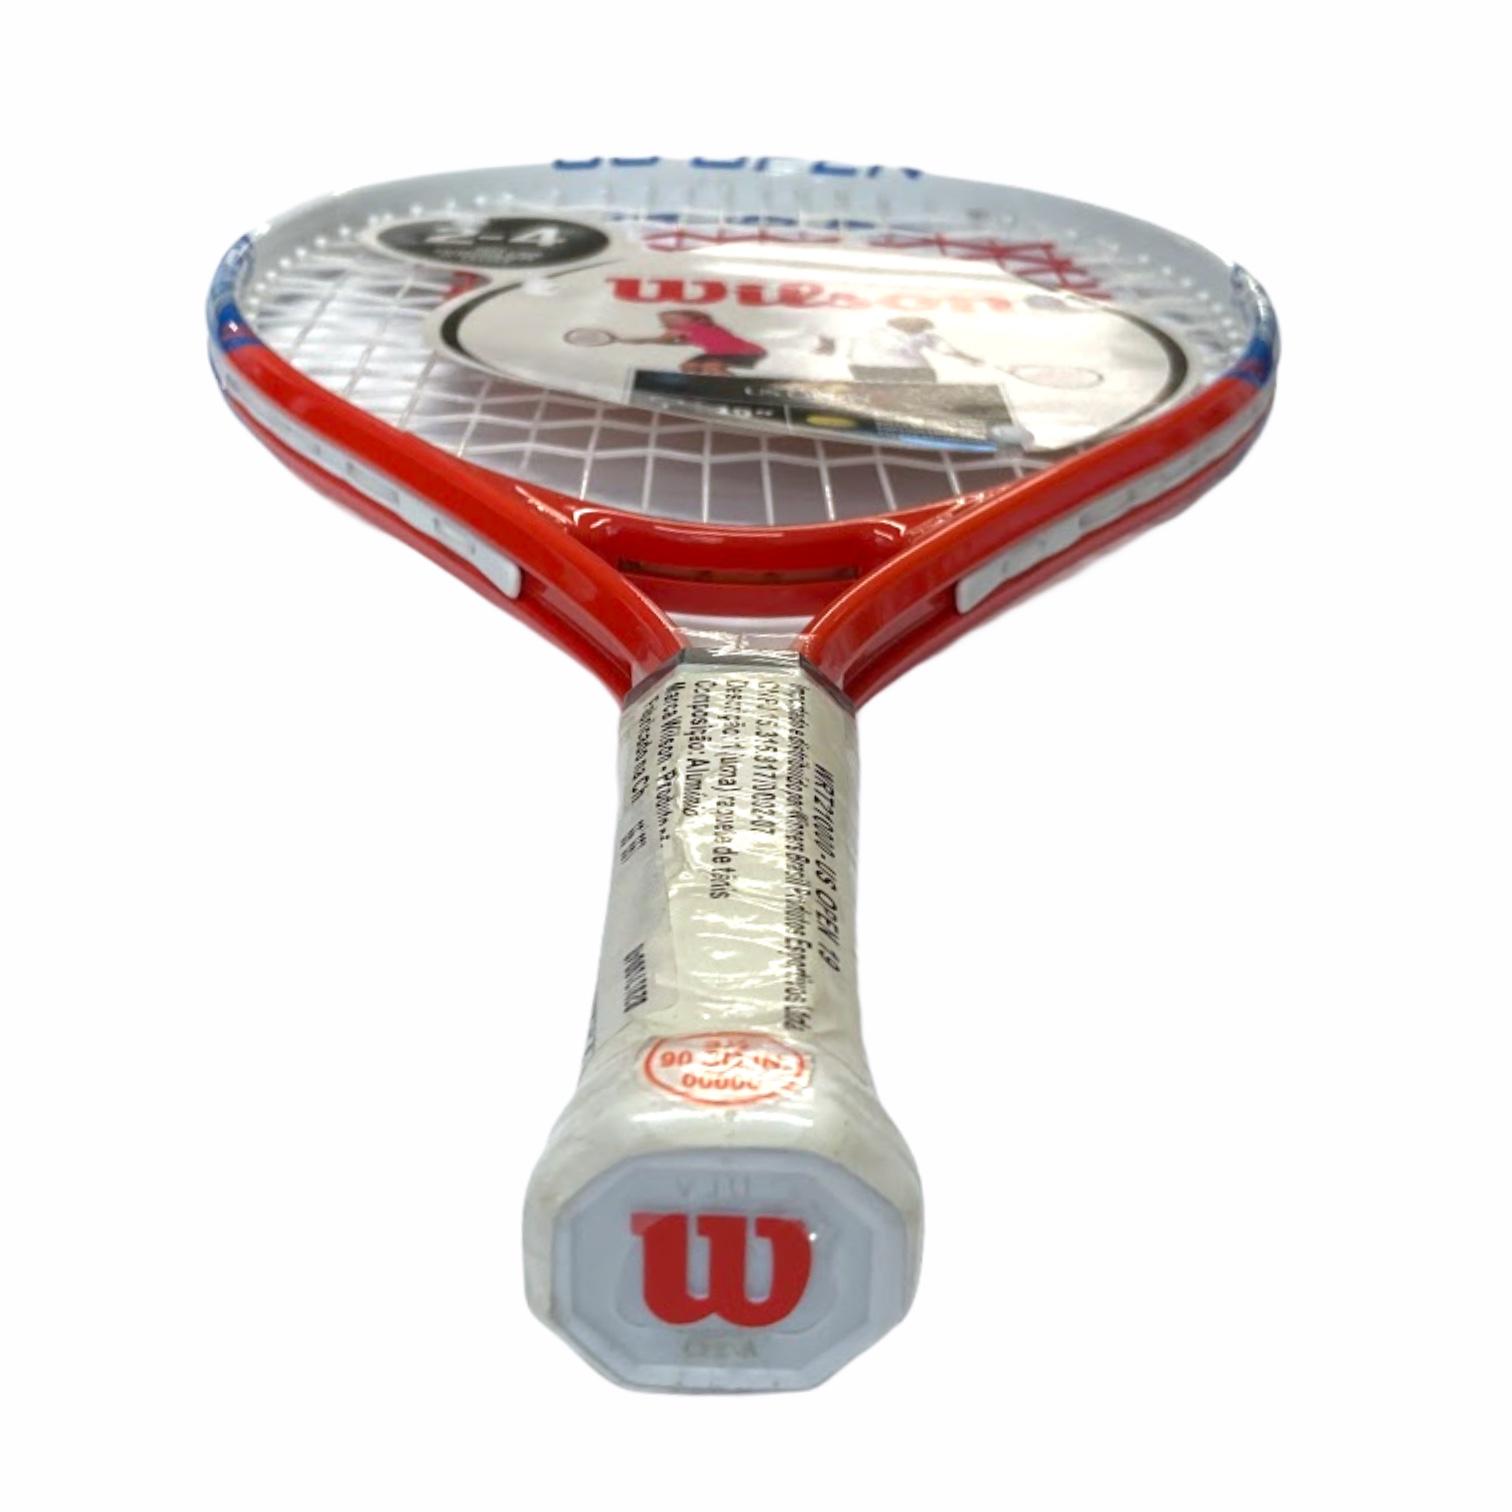 Raquete Wilson Tenis Us Open 23